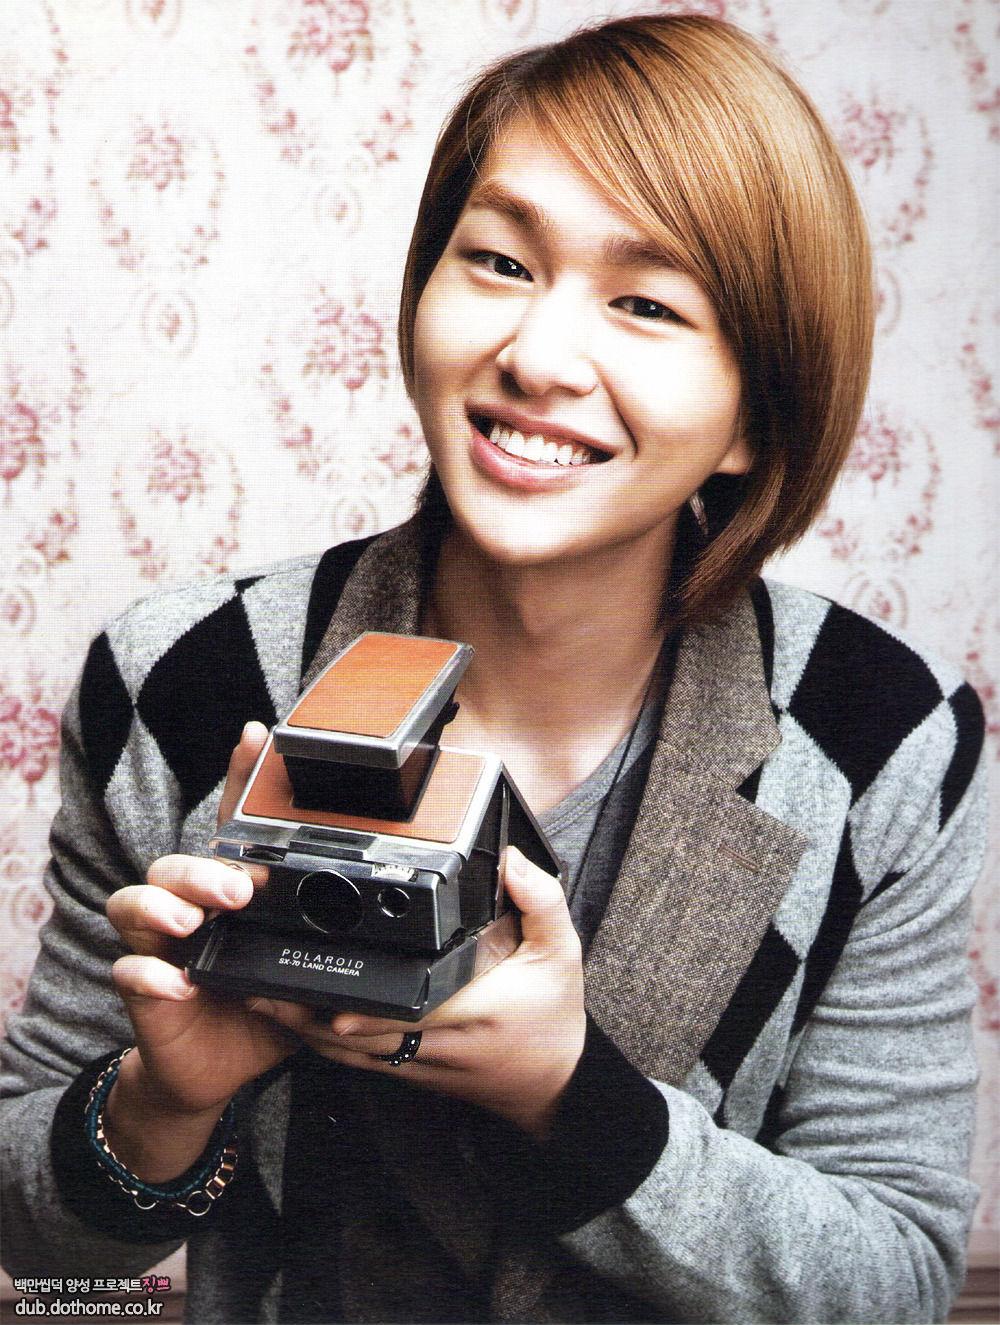 유키스 샤이니: [Pics] Minho & JJong for 2011 calendar